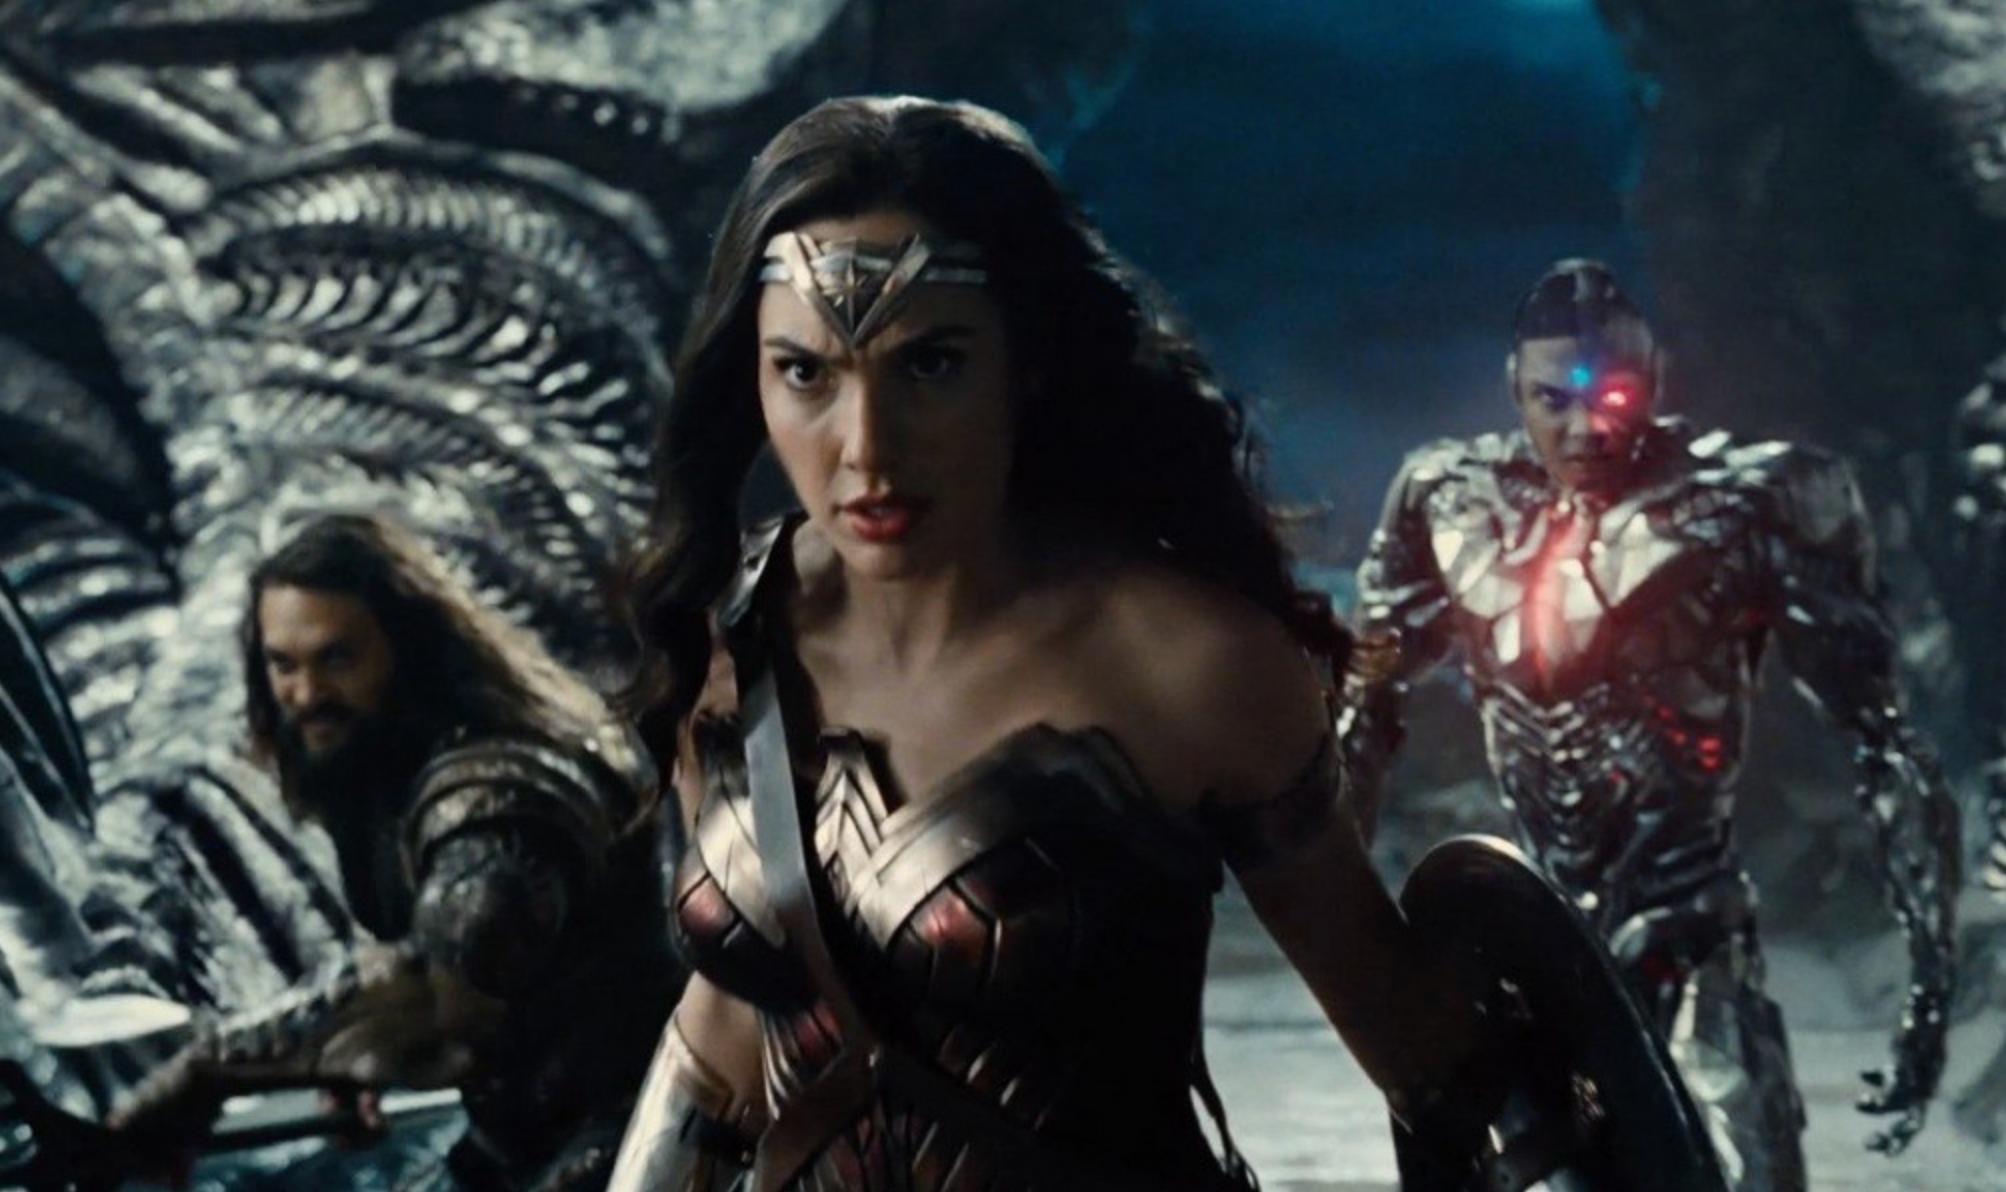 Режиссёрская версия 'Лиги справедливости' выйдет в 2021 году